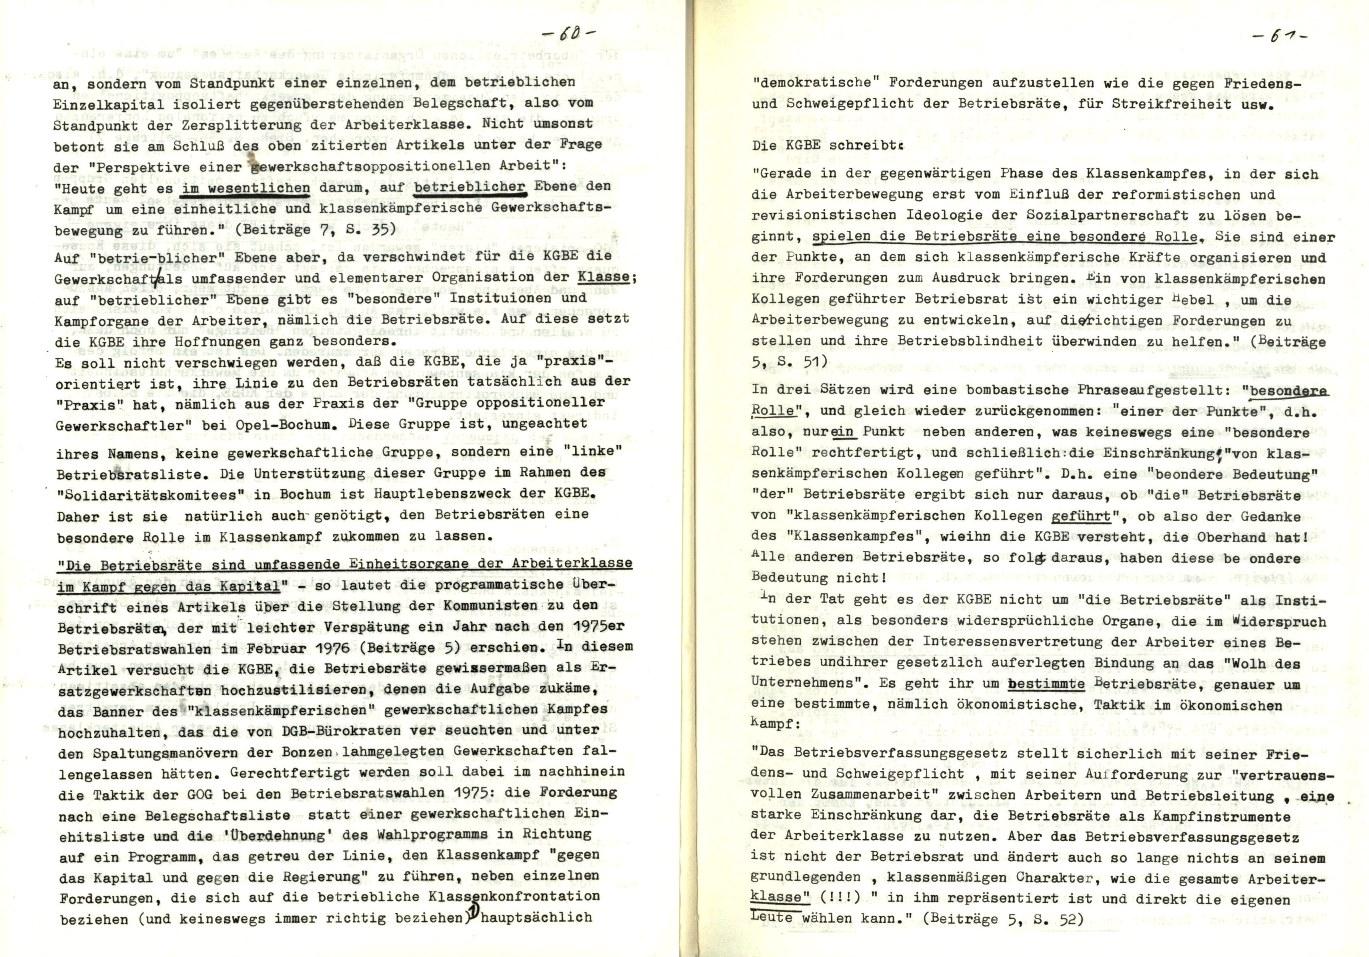 KGBE_Ehemalige_1977_Kritik_an_der_KGBE_34